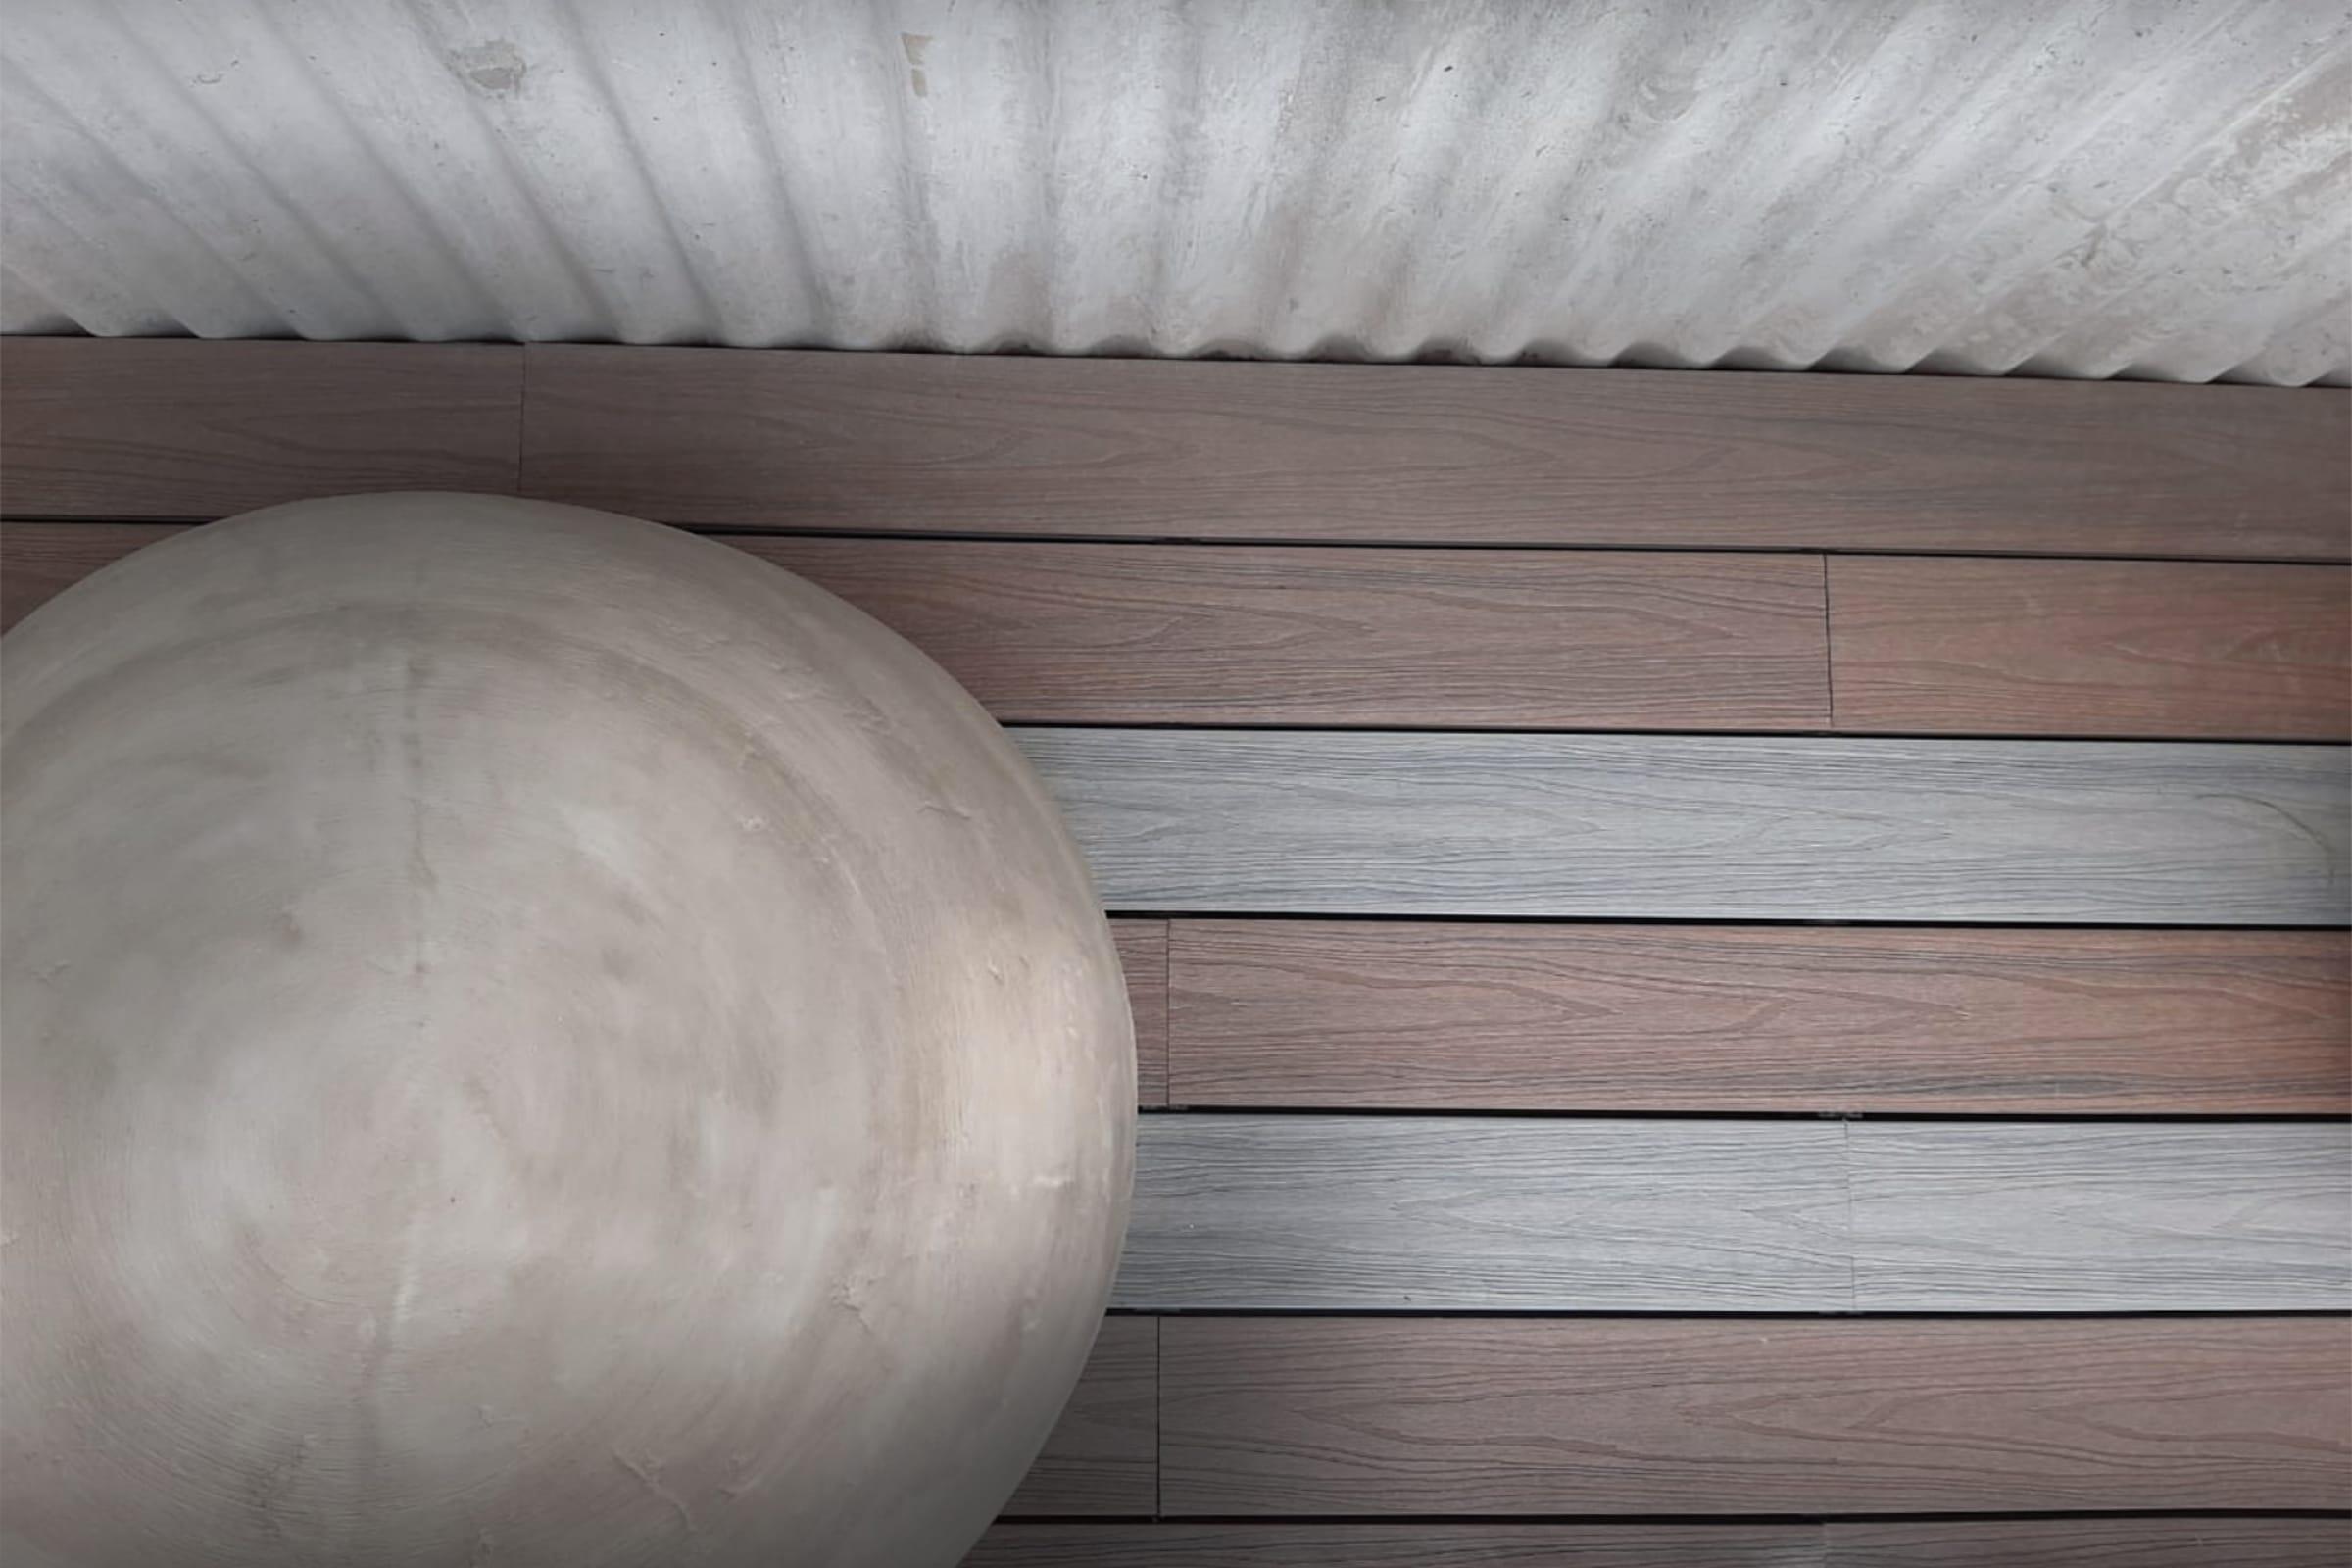 Los sillones de concreto permiten disfrutar de la naturaleza del balcón y las vistas abiertas al entorno.